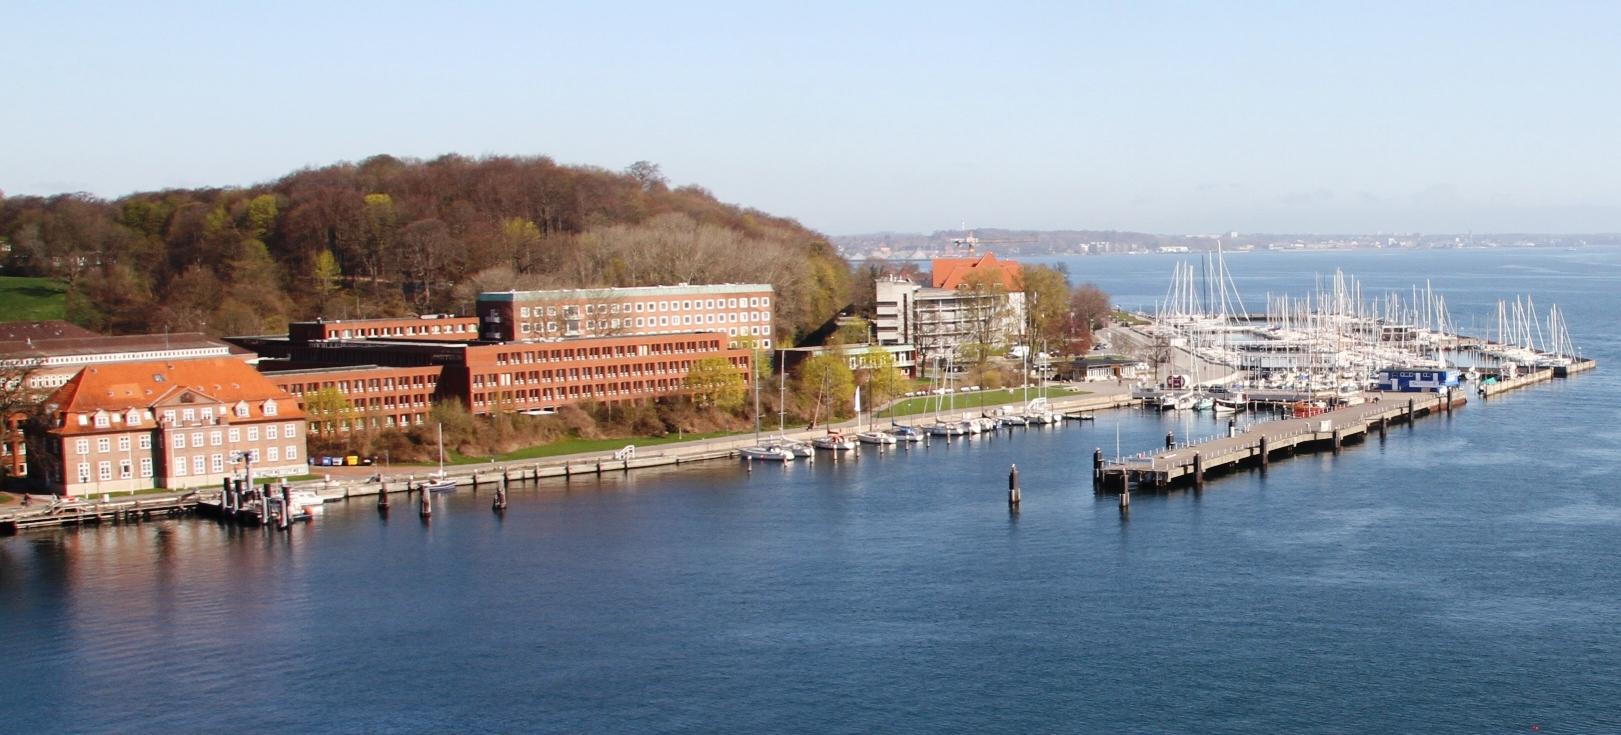 Киль, Германия: интересные достопримечательности, лучшие рестораны, места для отдыха, советы туристов